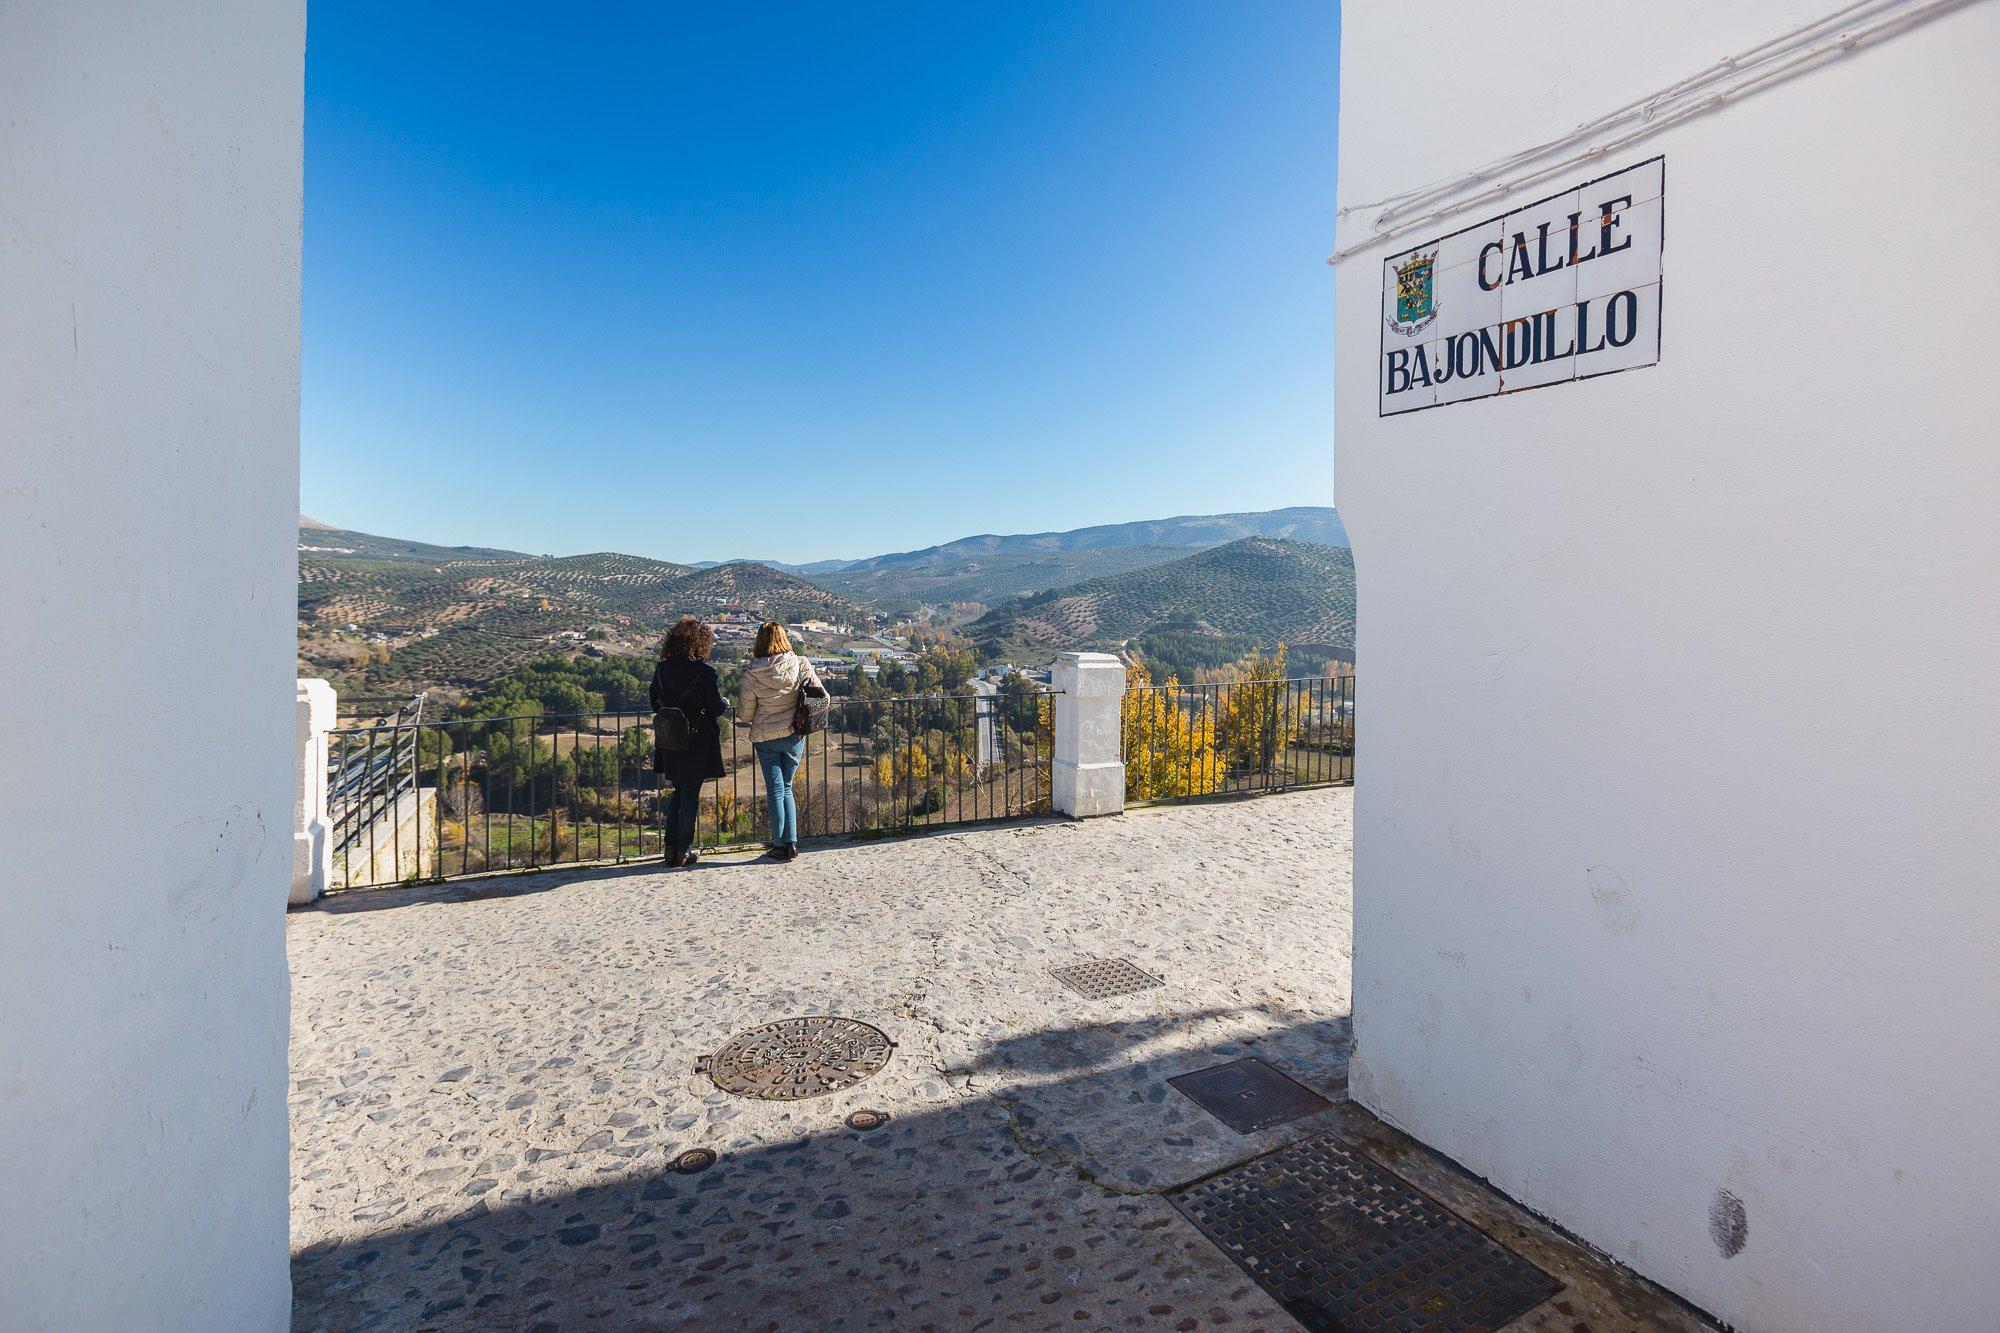 Bajondillo es una de las calles de La Villa que desembocan en el Adarve.